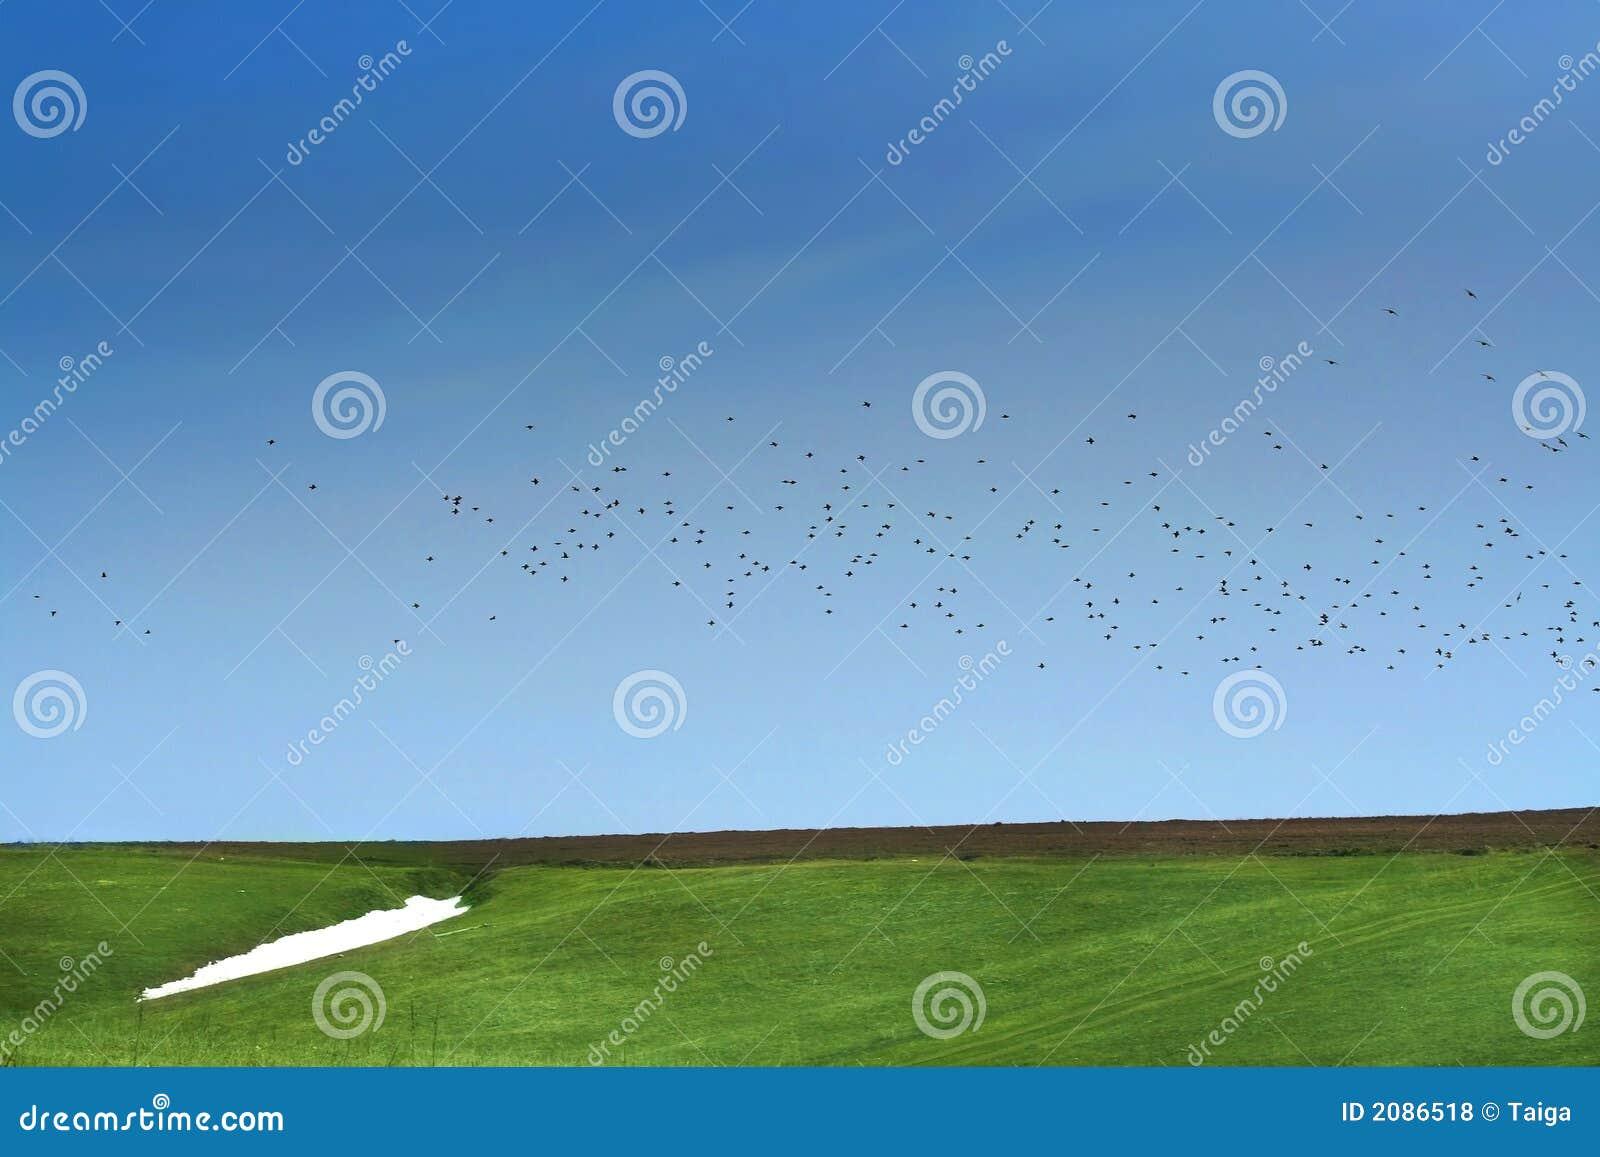 Frühling. Schnee, grünes Gras und Vogel